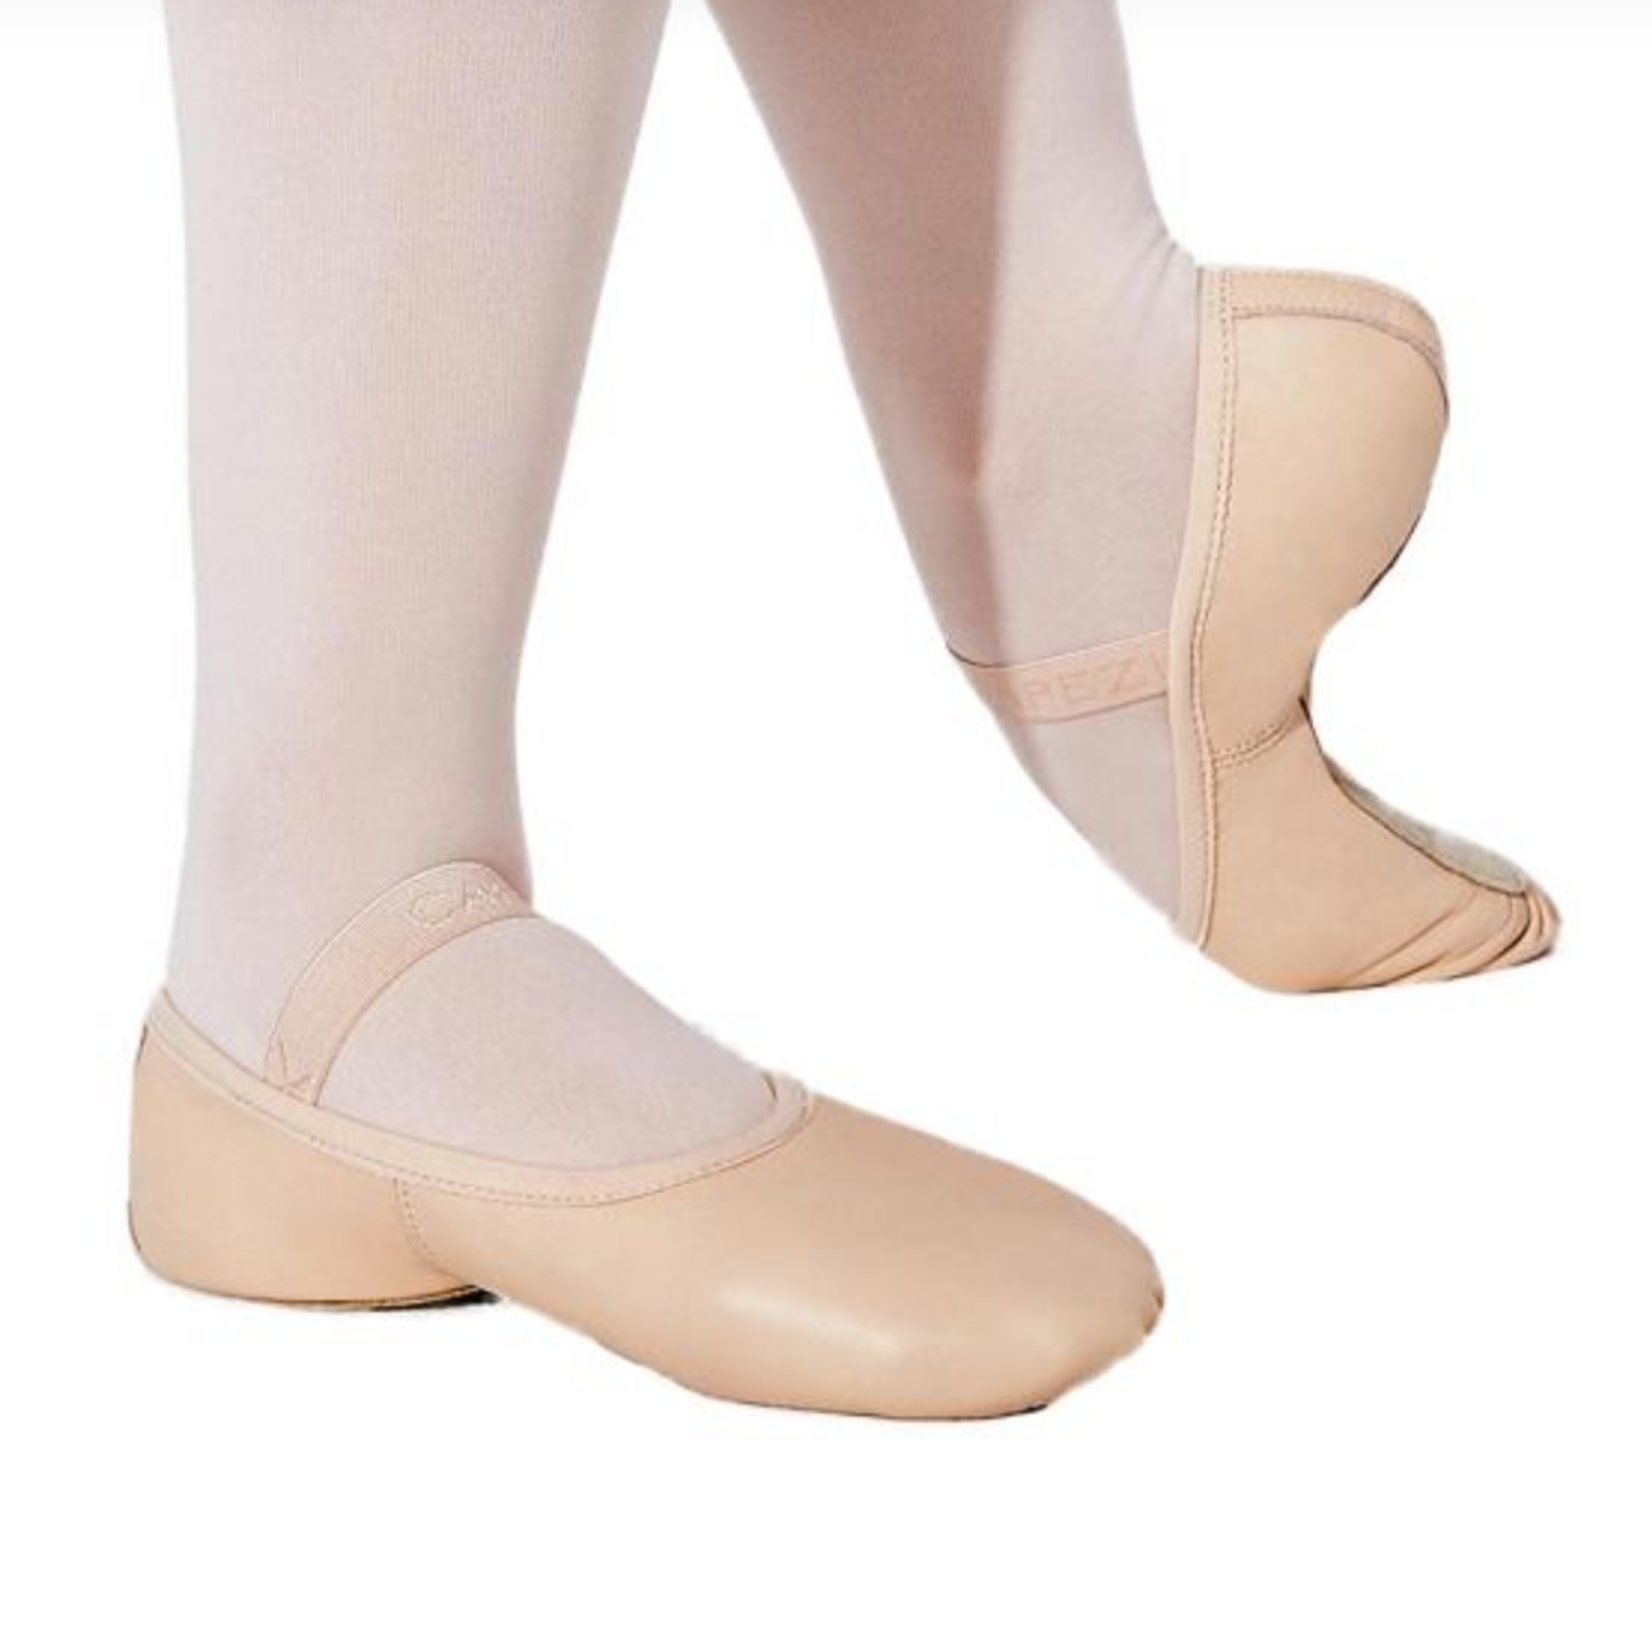 Capezio Capezio 212W Lily Adult Full-Sole Ballet